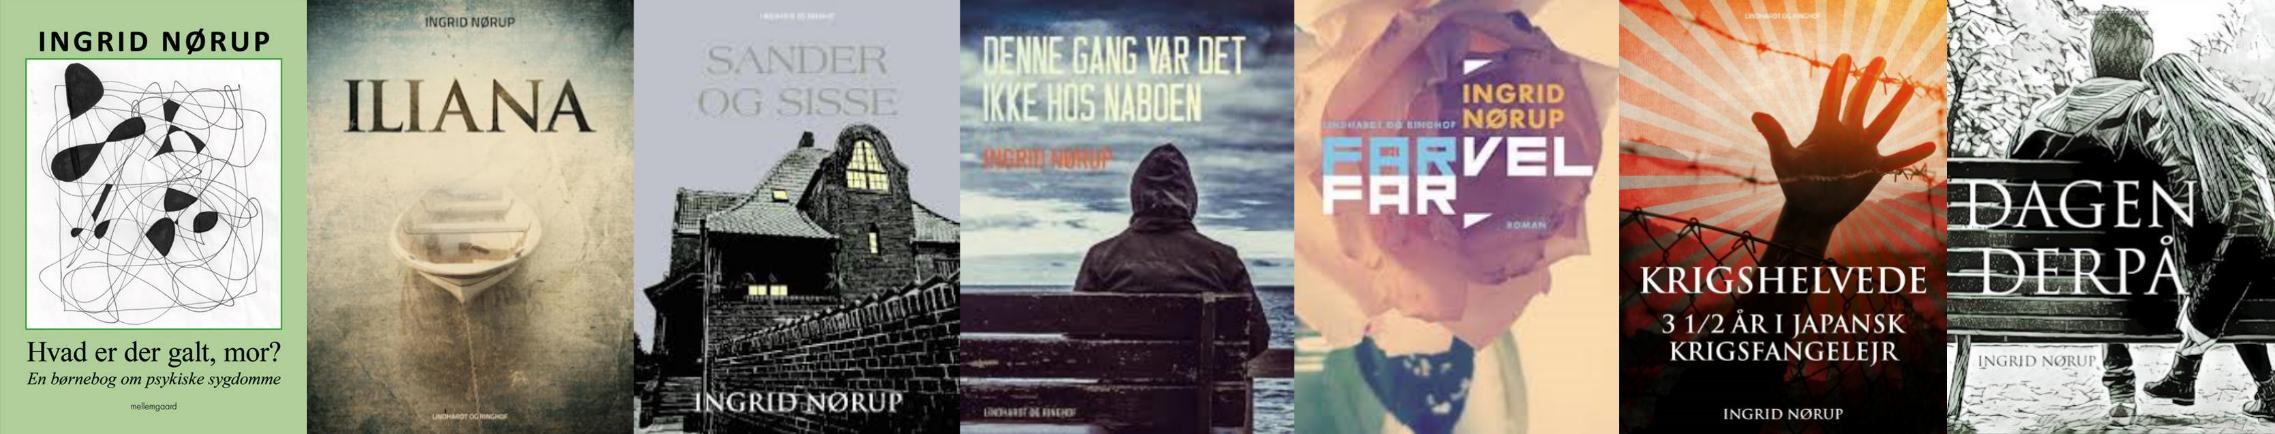 Forfatter Ingrid Nørup